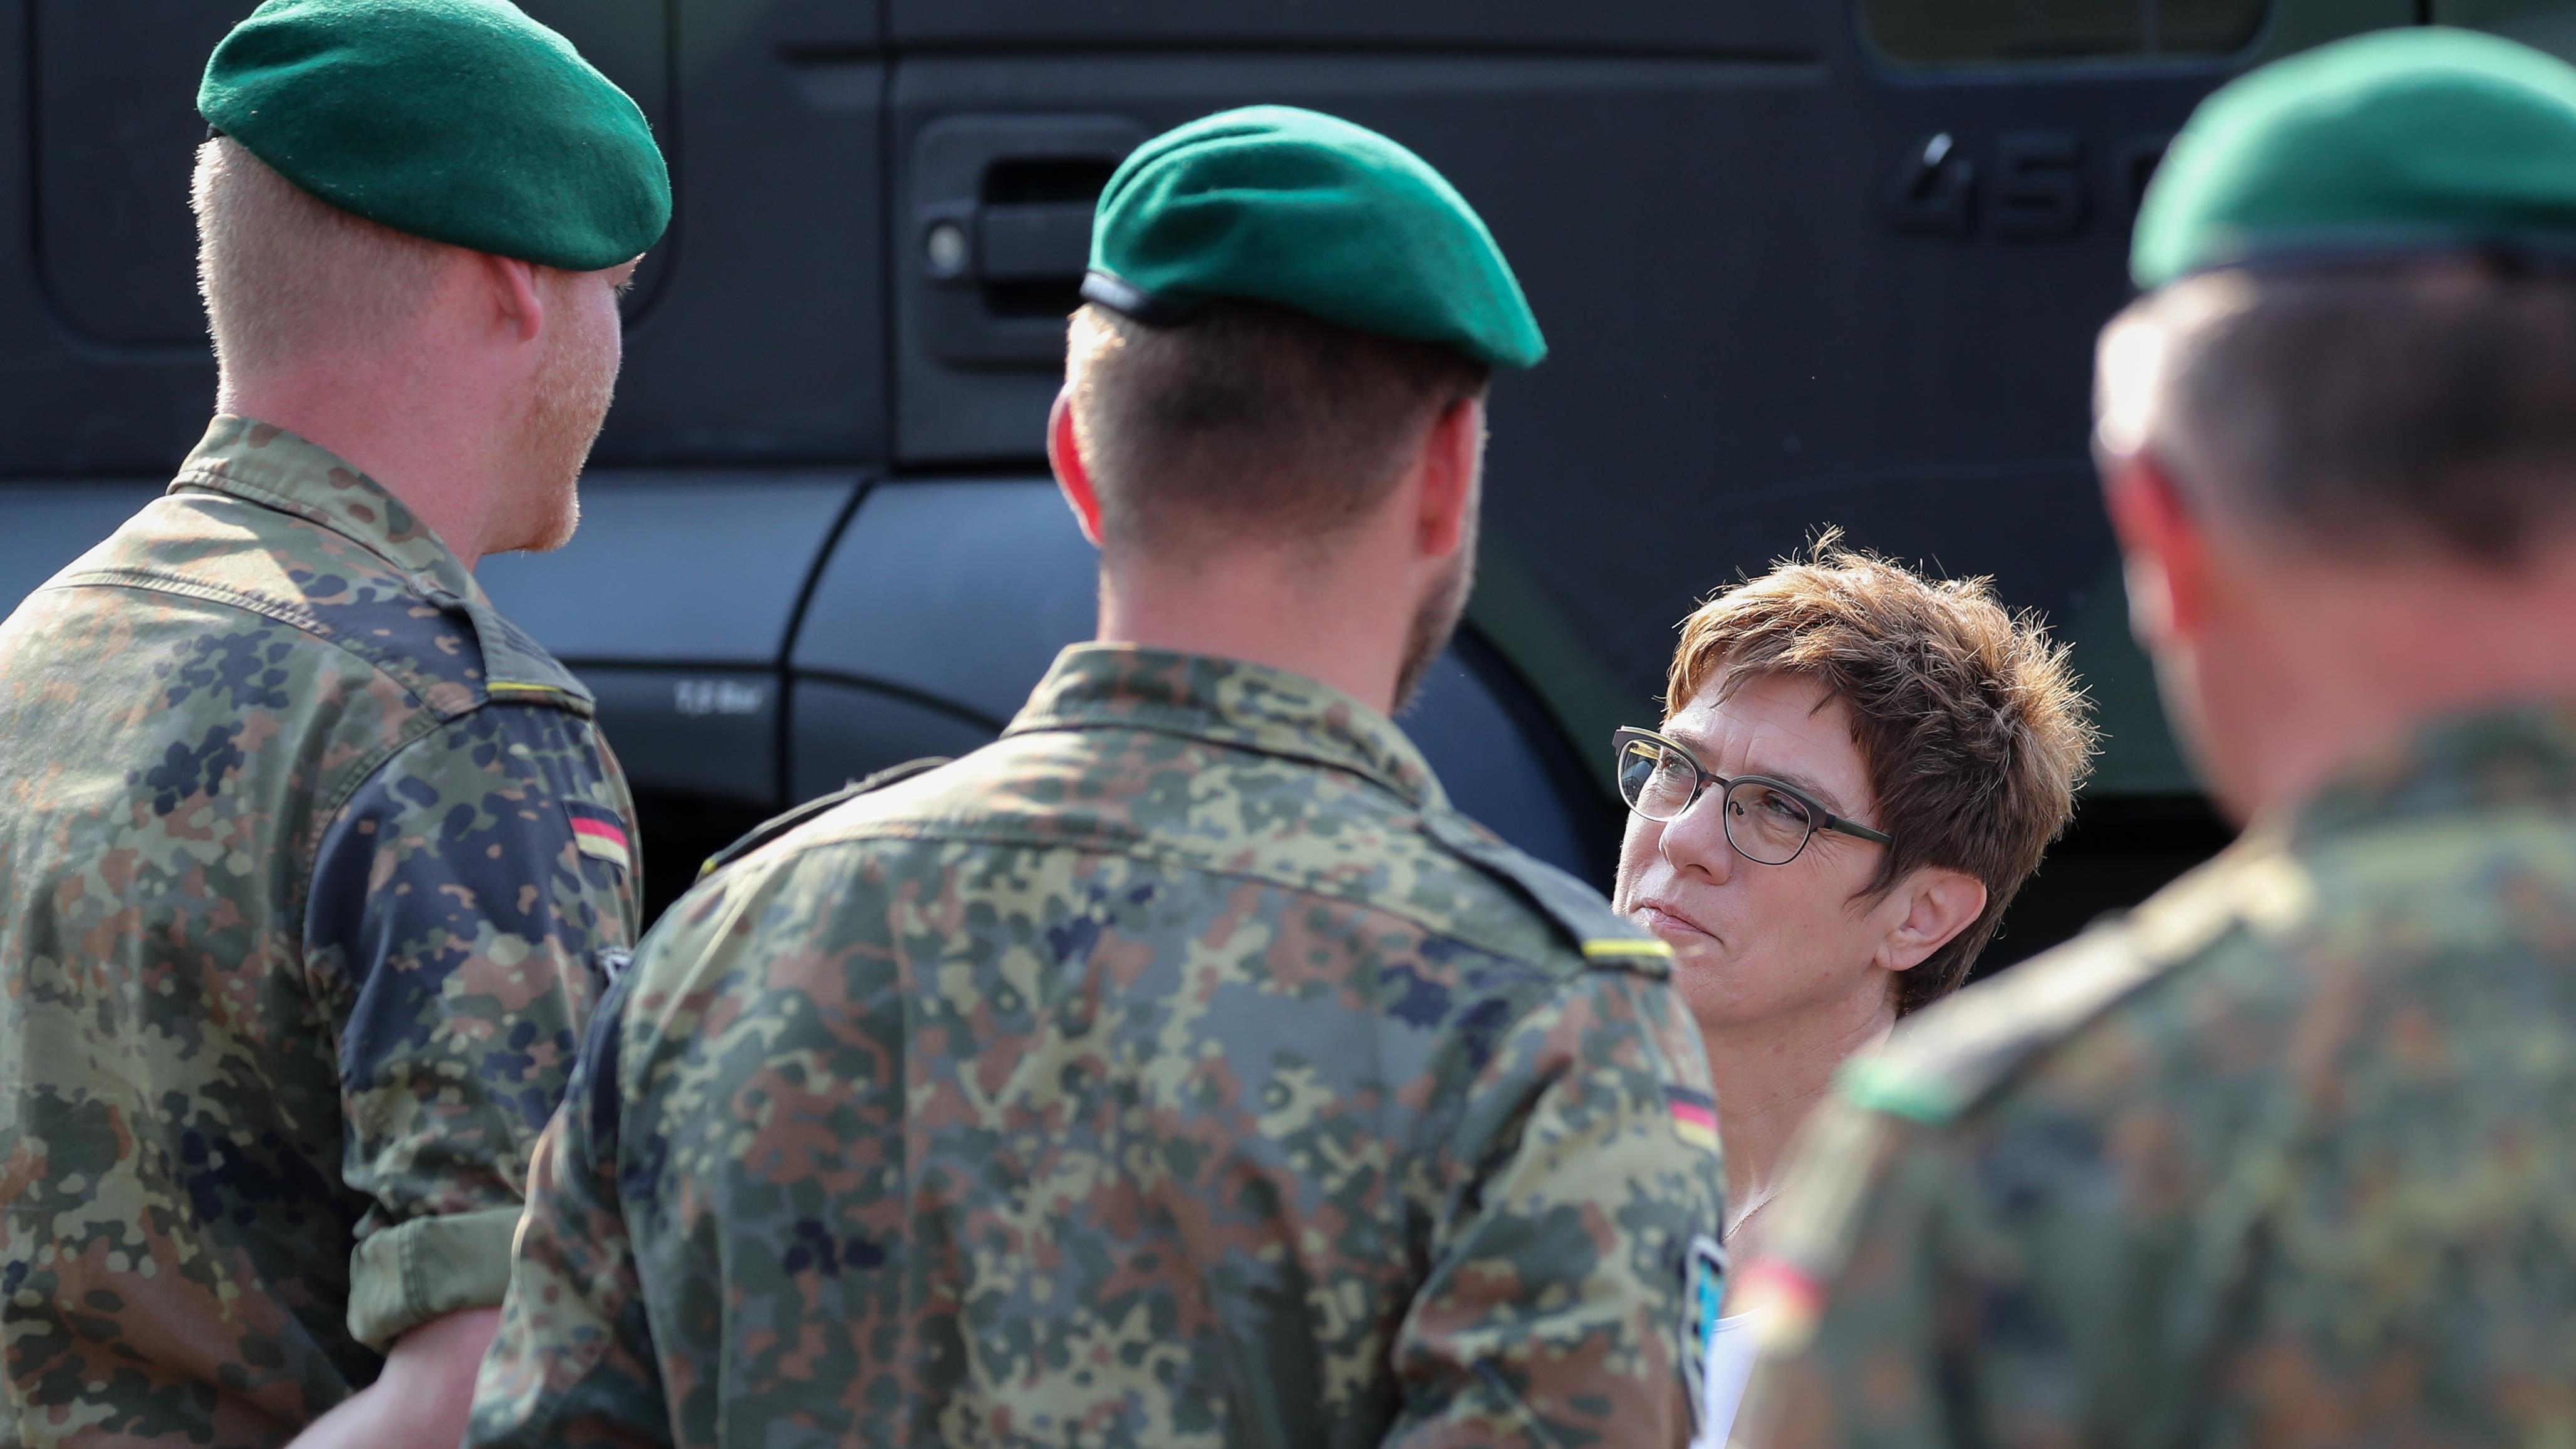 Schlechte Ausrüstung ist nur eins von vielen Problemen AKKs bei der Bundeswehr